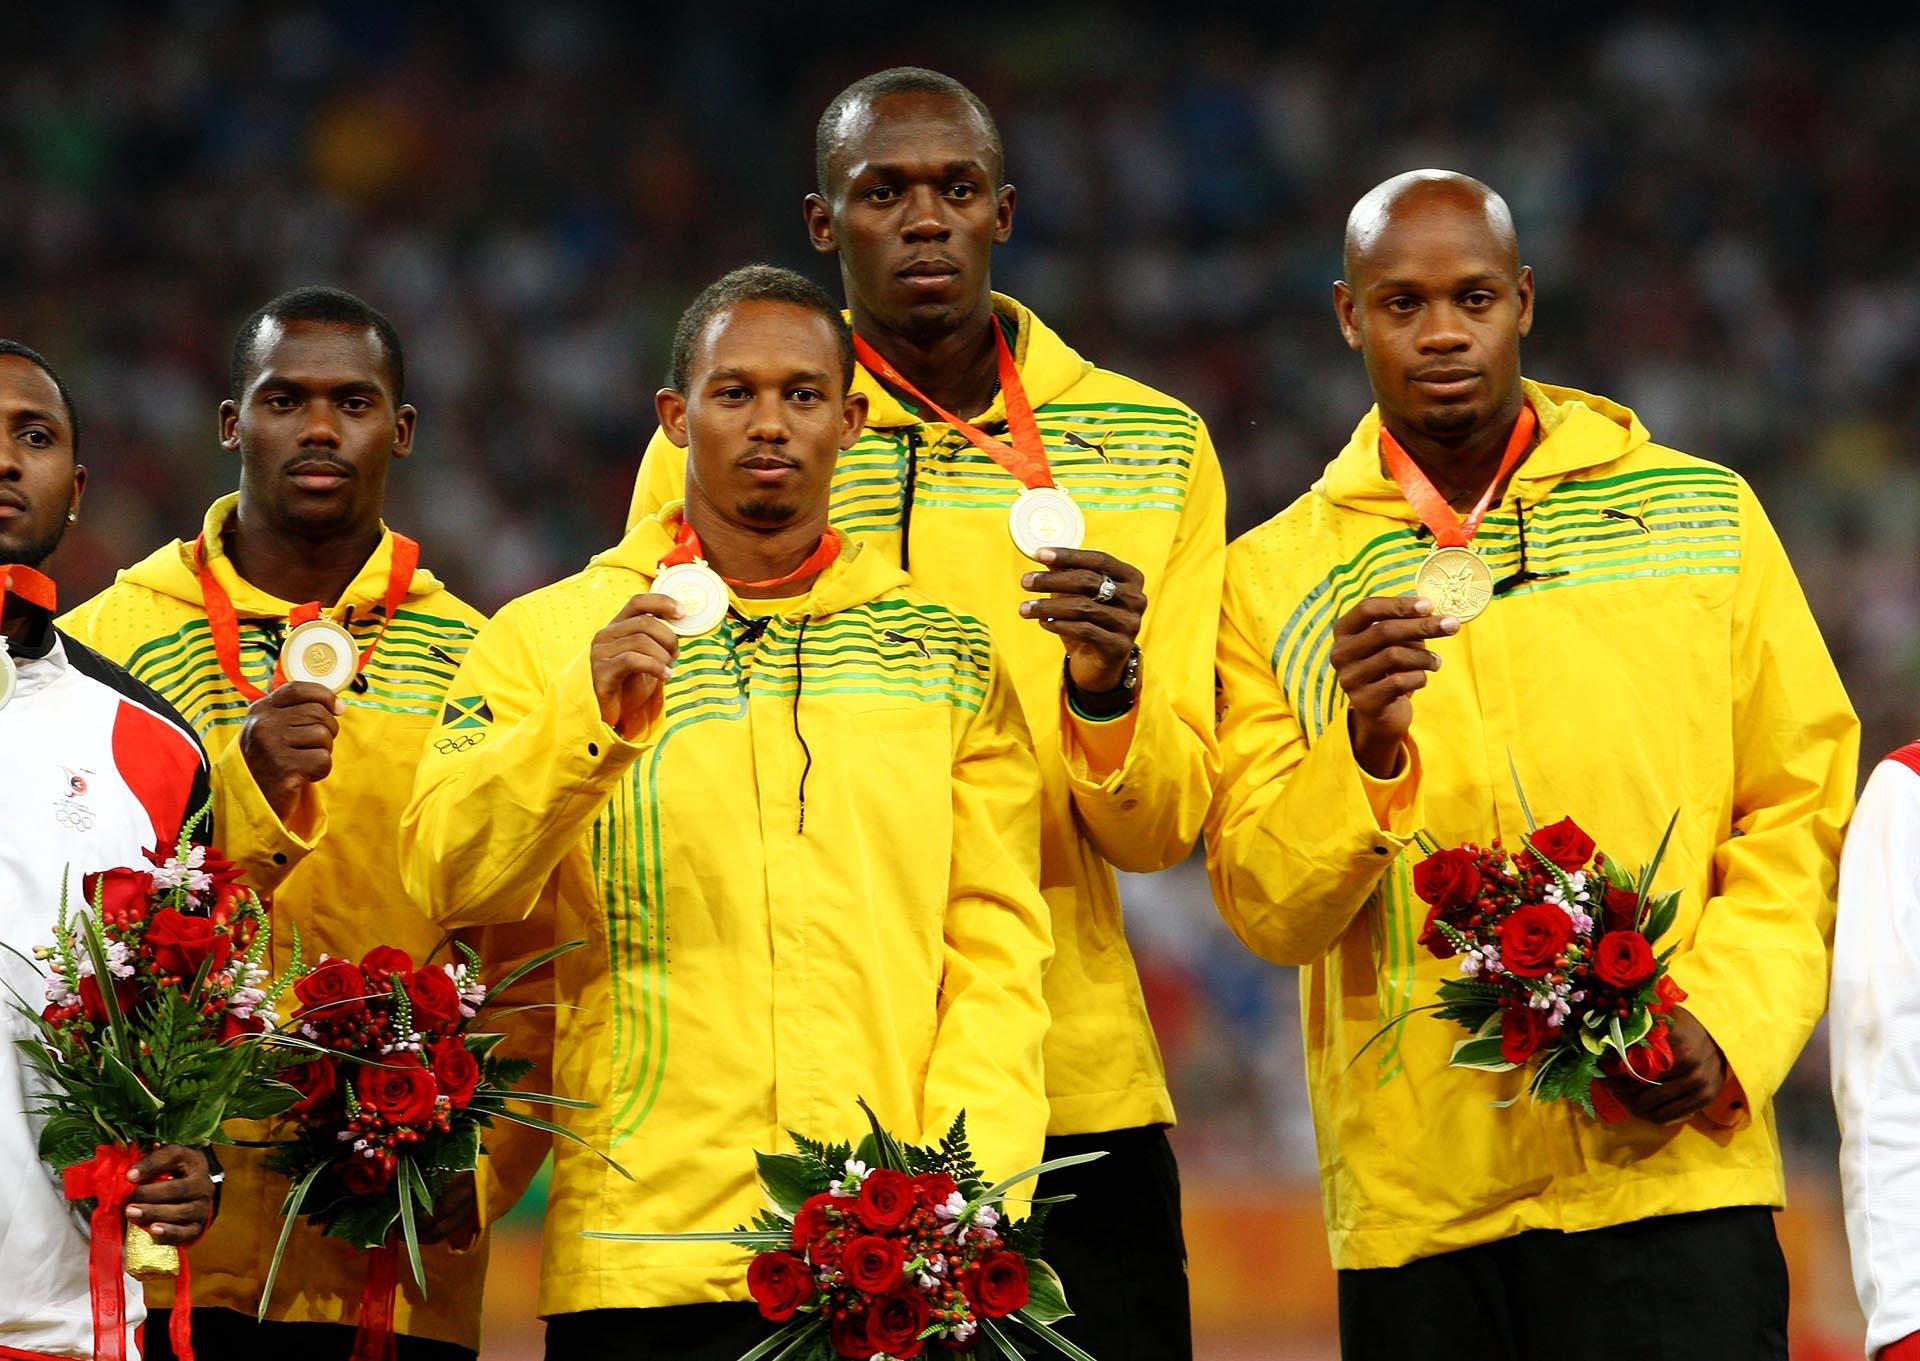 Junto aNesta Carter, Michael Frater y Asafa Powell, Usain Bolt también ganó la medalla de oro en el 4×100 de los Juegos de Beijing (Getty Images)